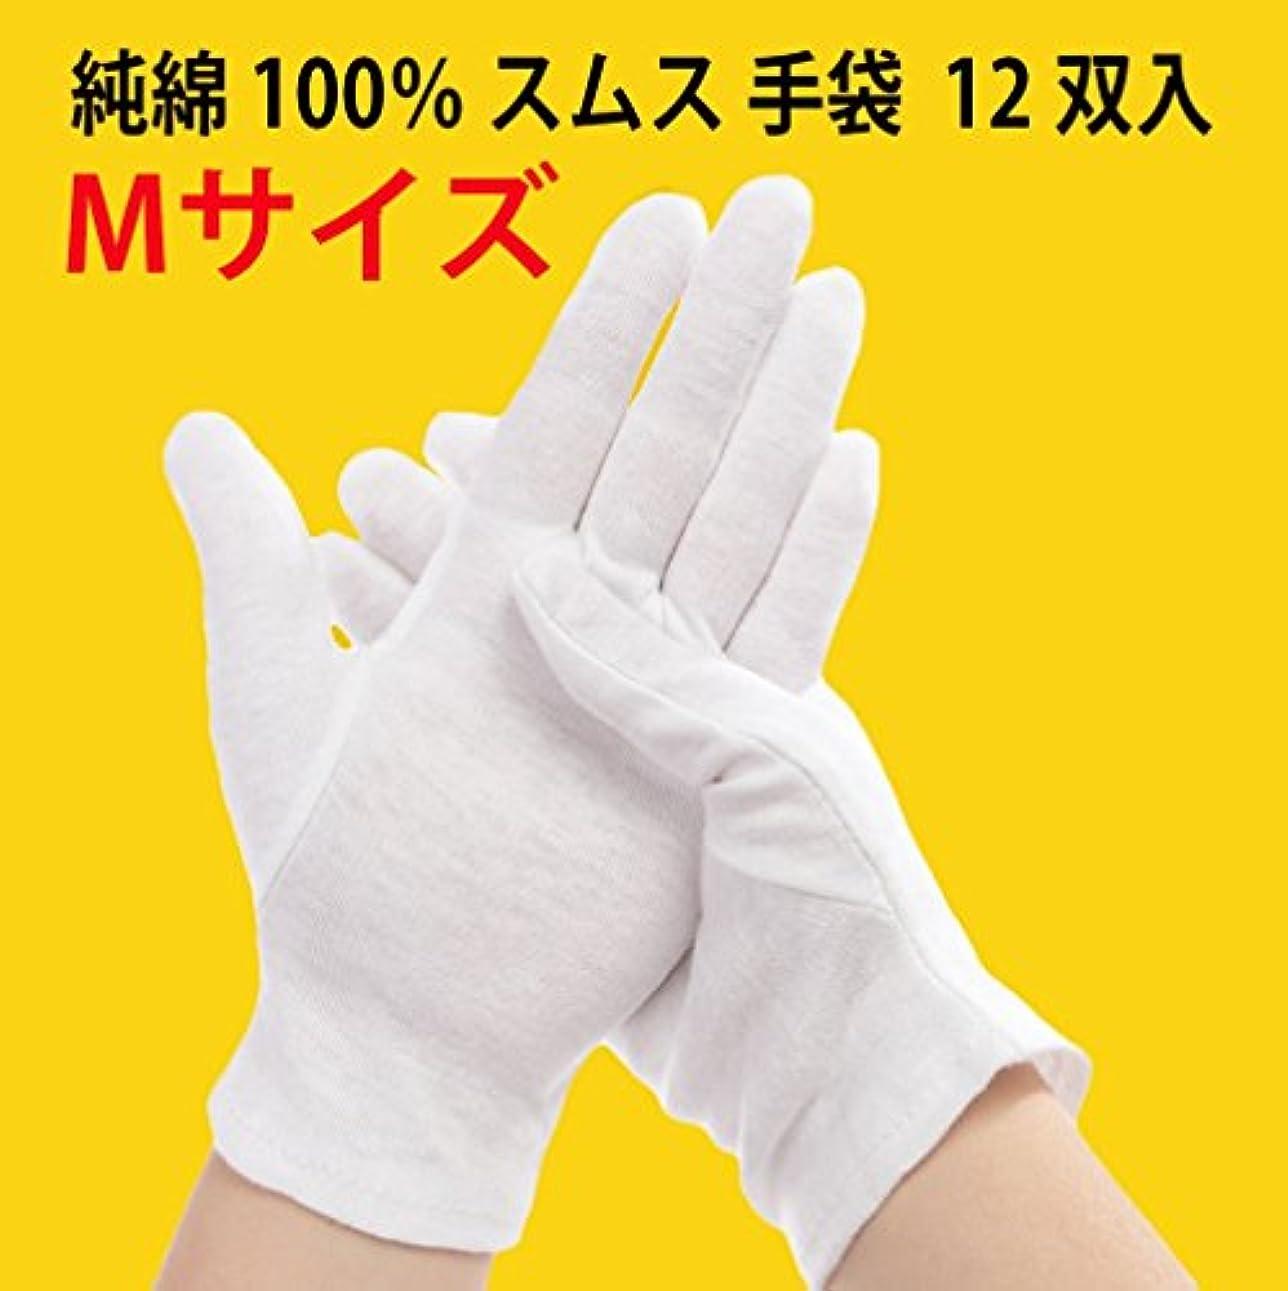 六分儀編集者秘密の純綿100% スムス 手袋 Mサイズ 12双 多用途 101115